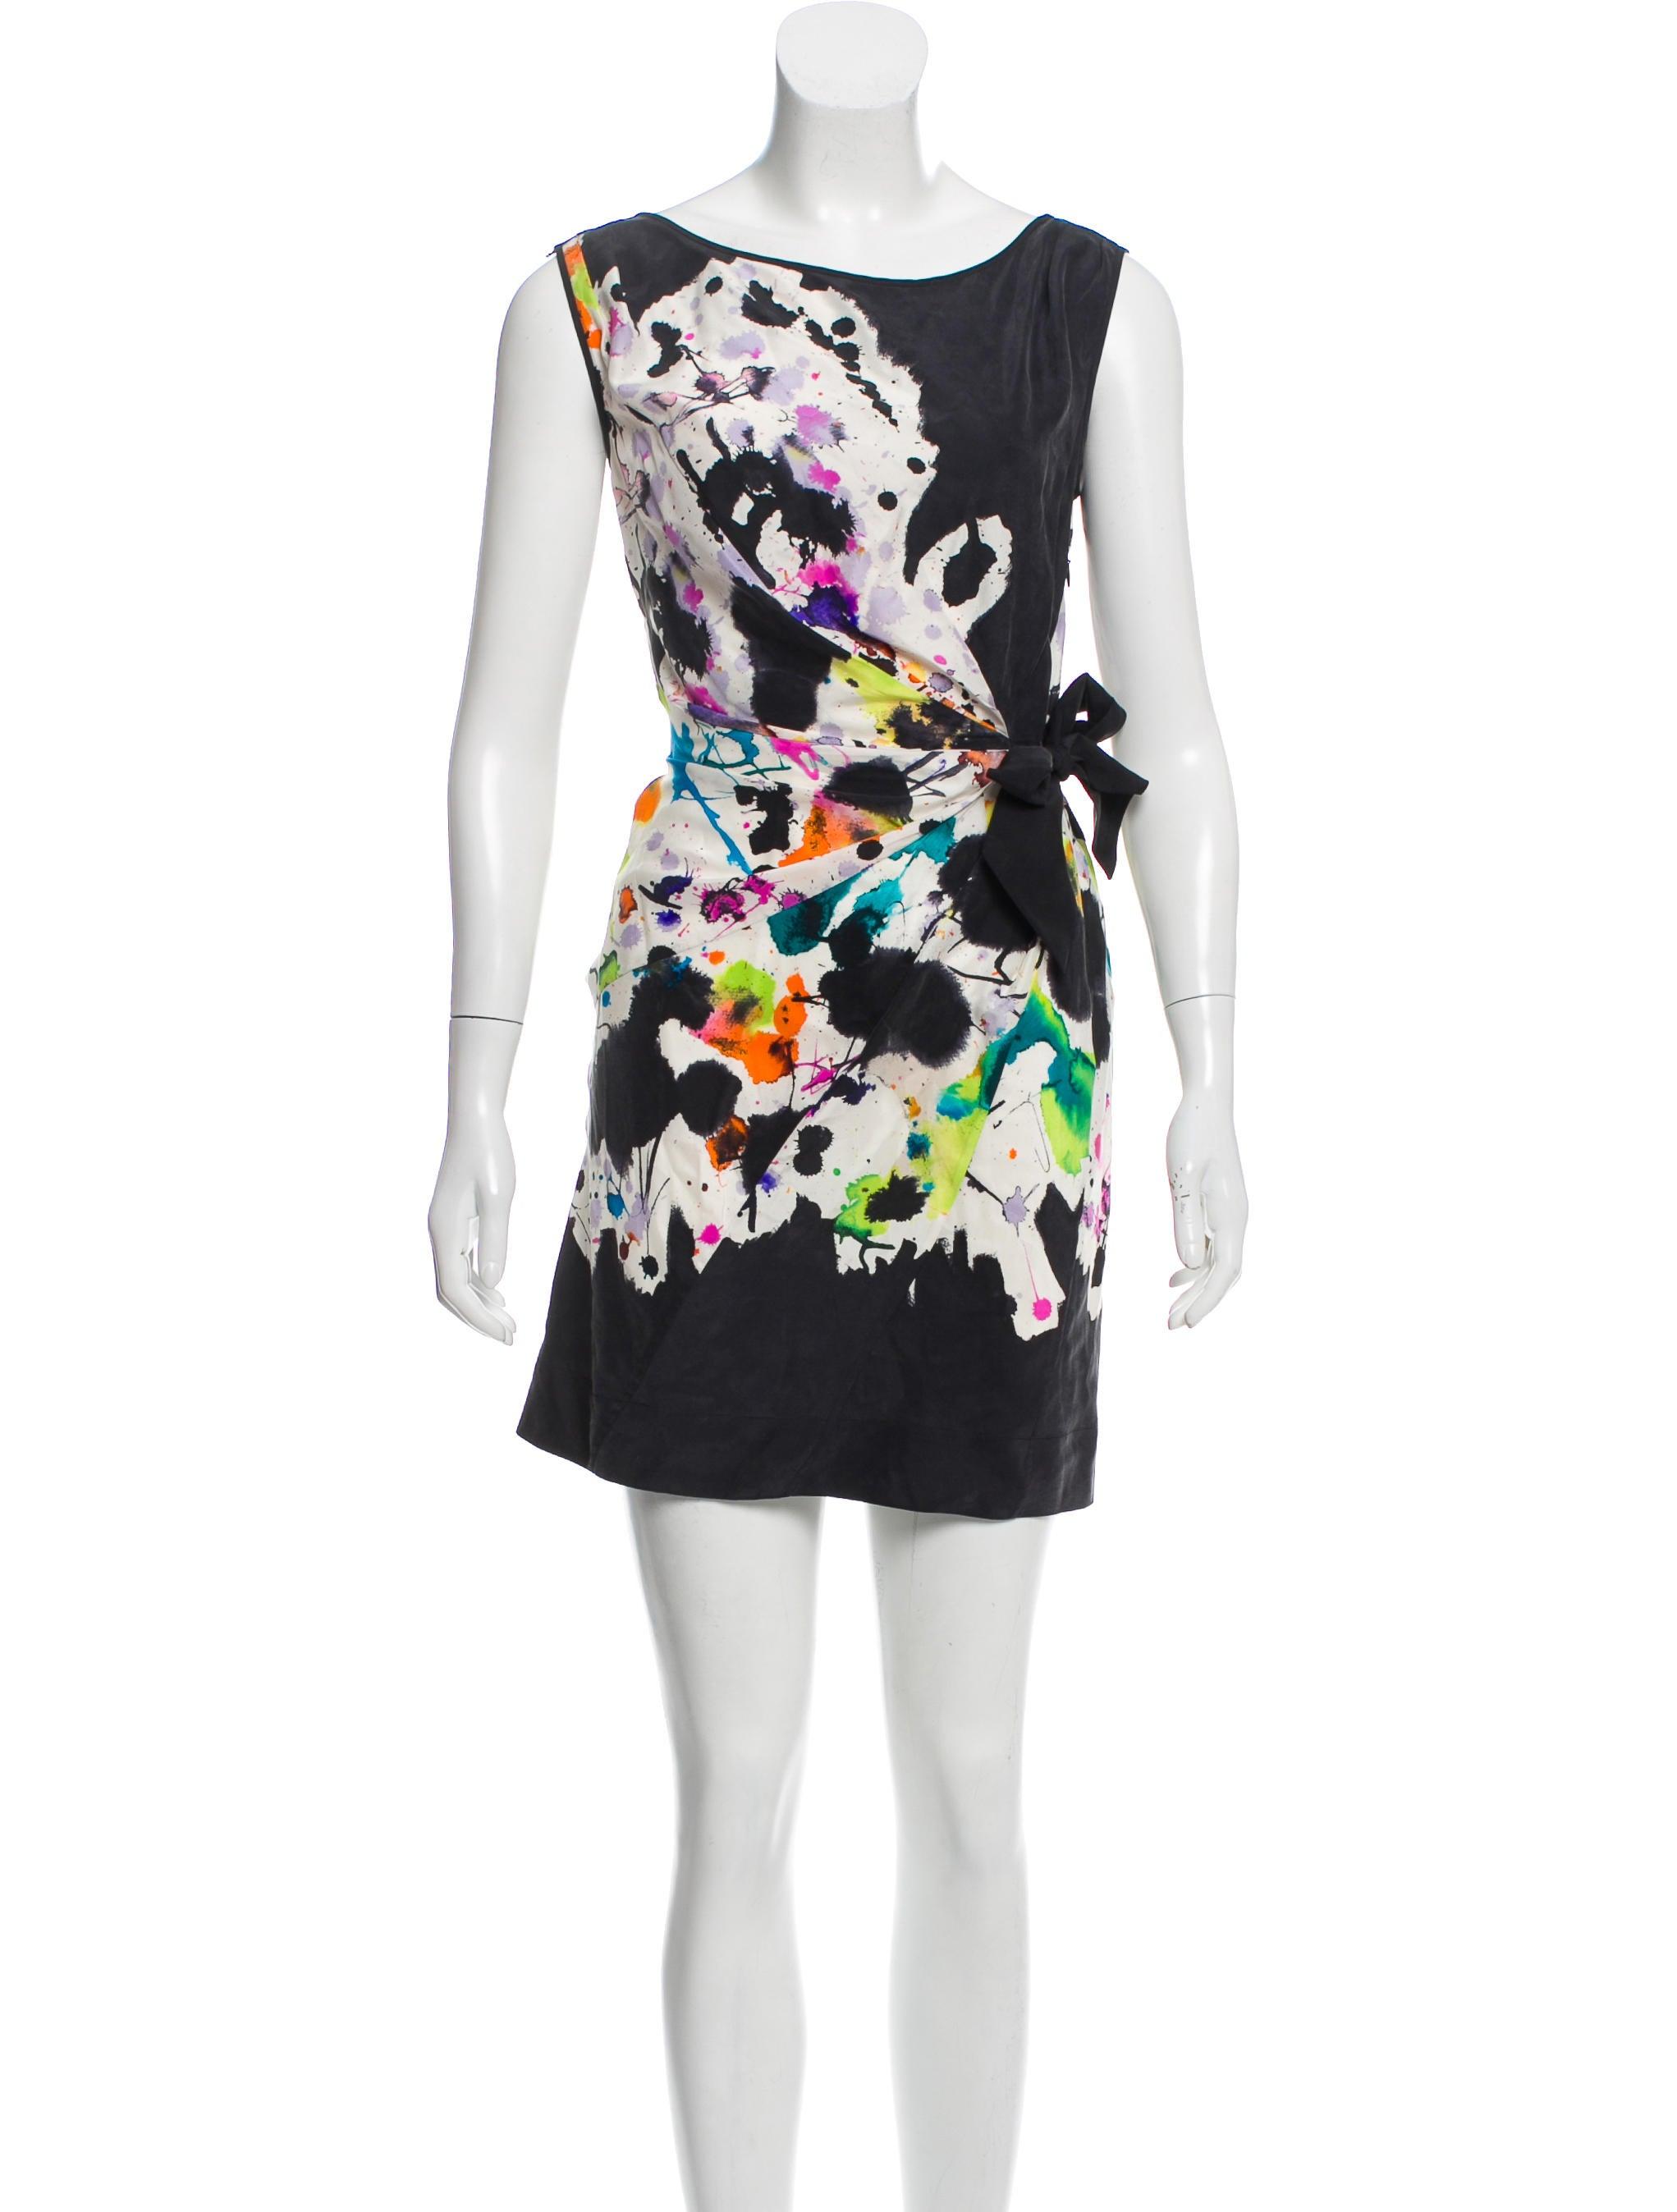 Diane von Furstenberg Tella Mini Dress - Clothing -           WDI177575 | The RealReal